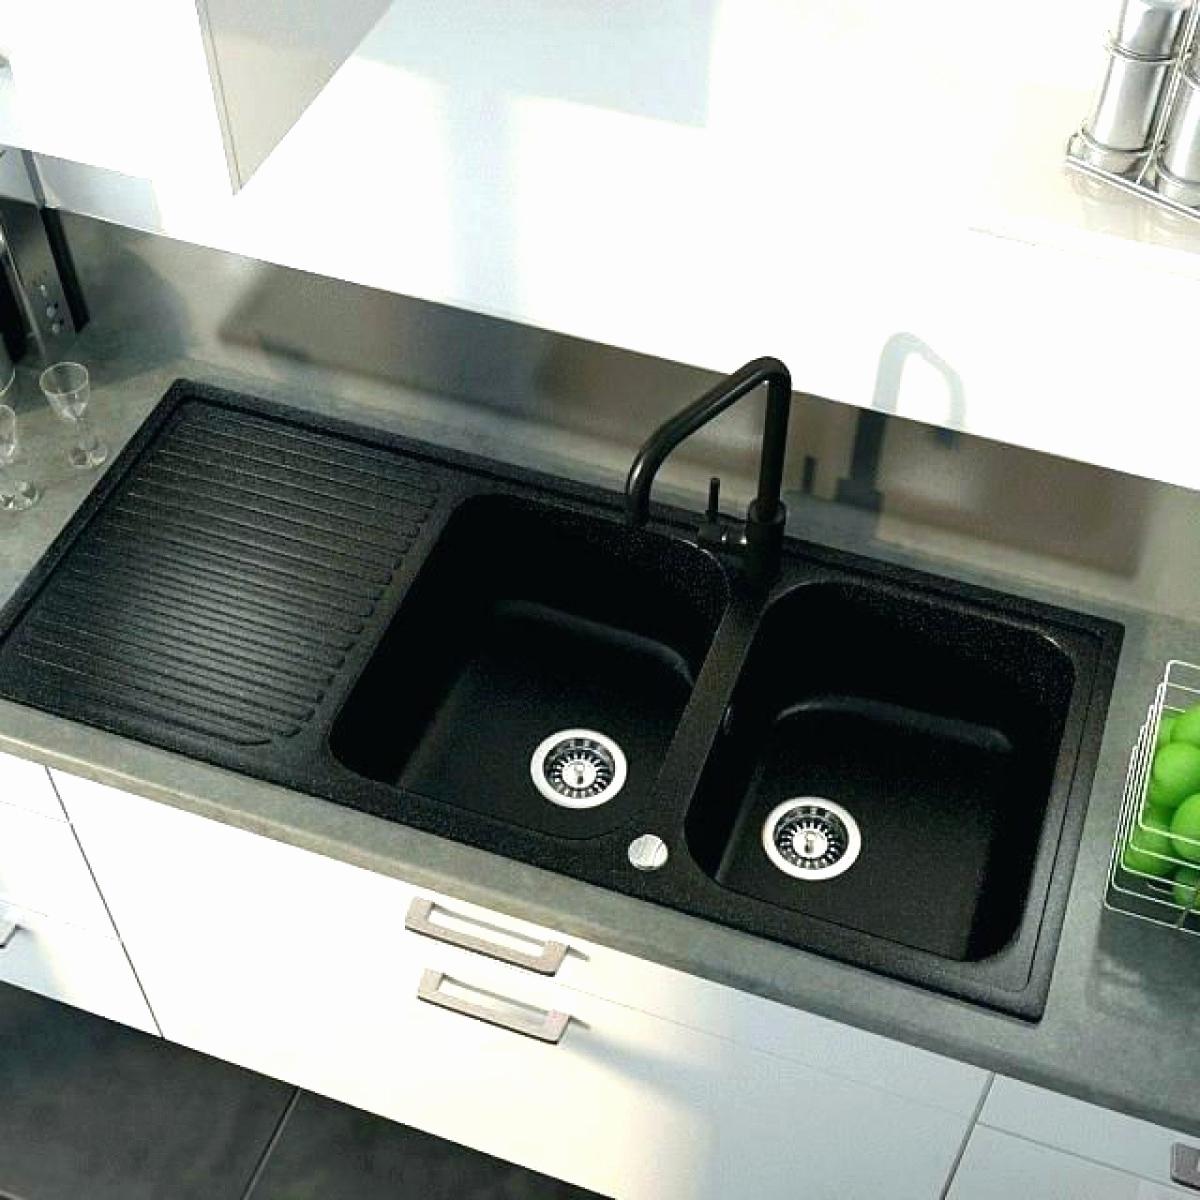 comment nettoyer un evier en resine noir id es de travaux. Black Bedroom Furniture Sets. Home Design Ideas